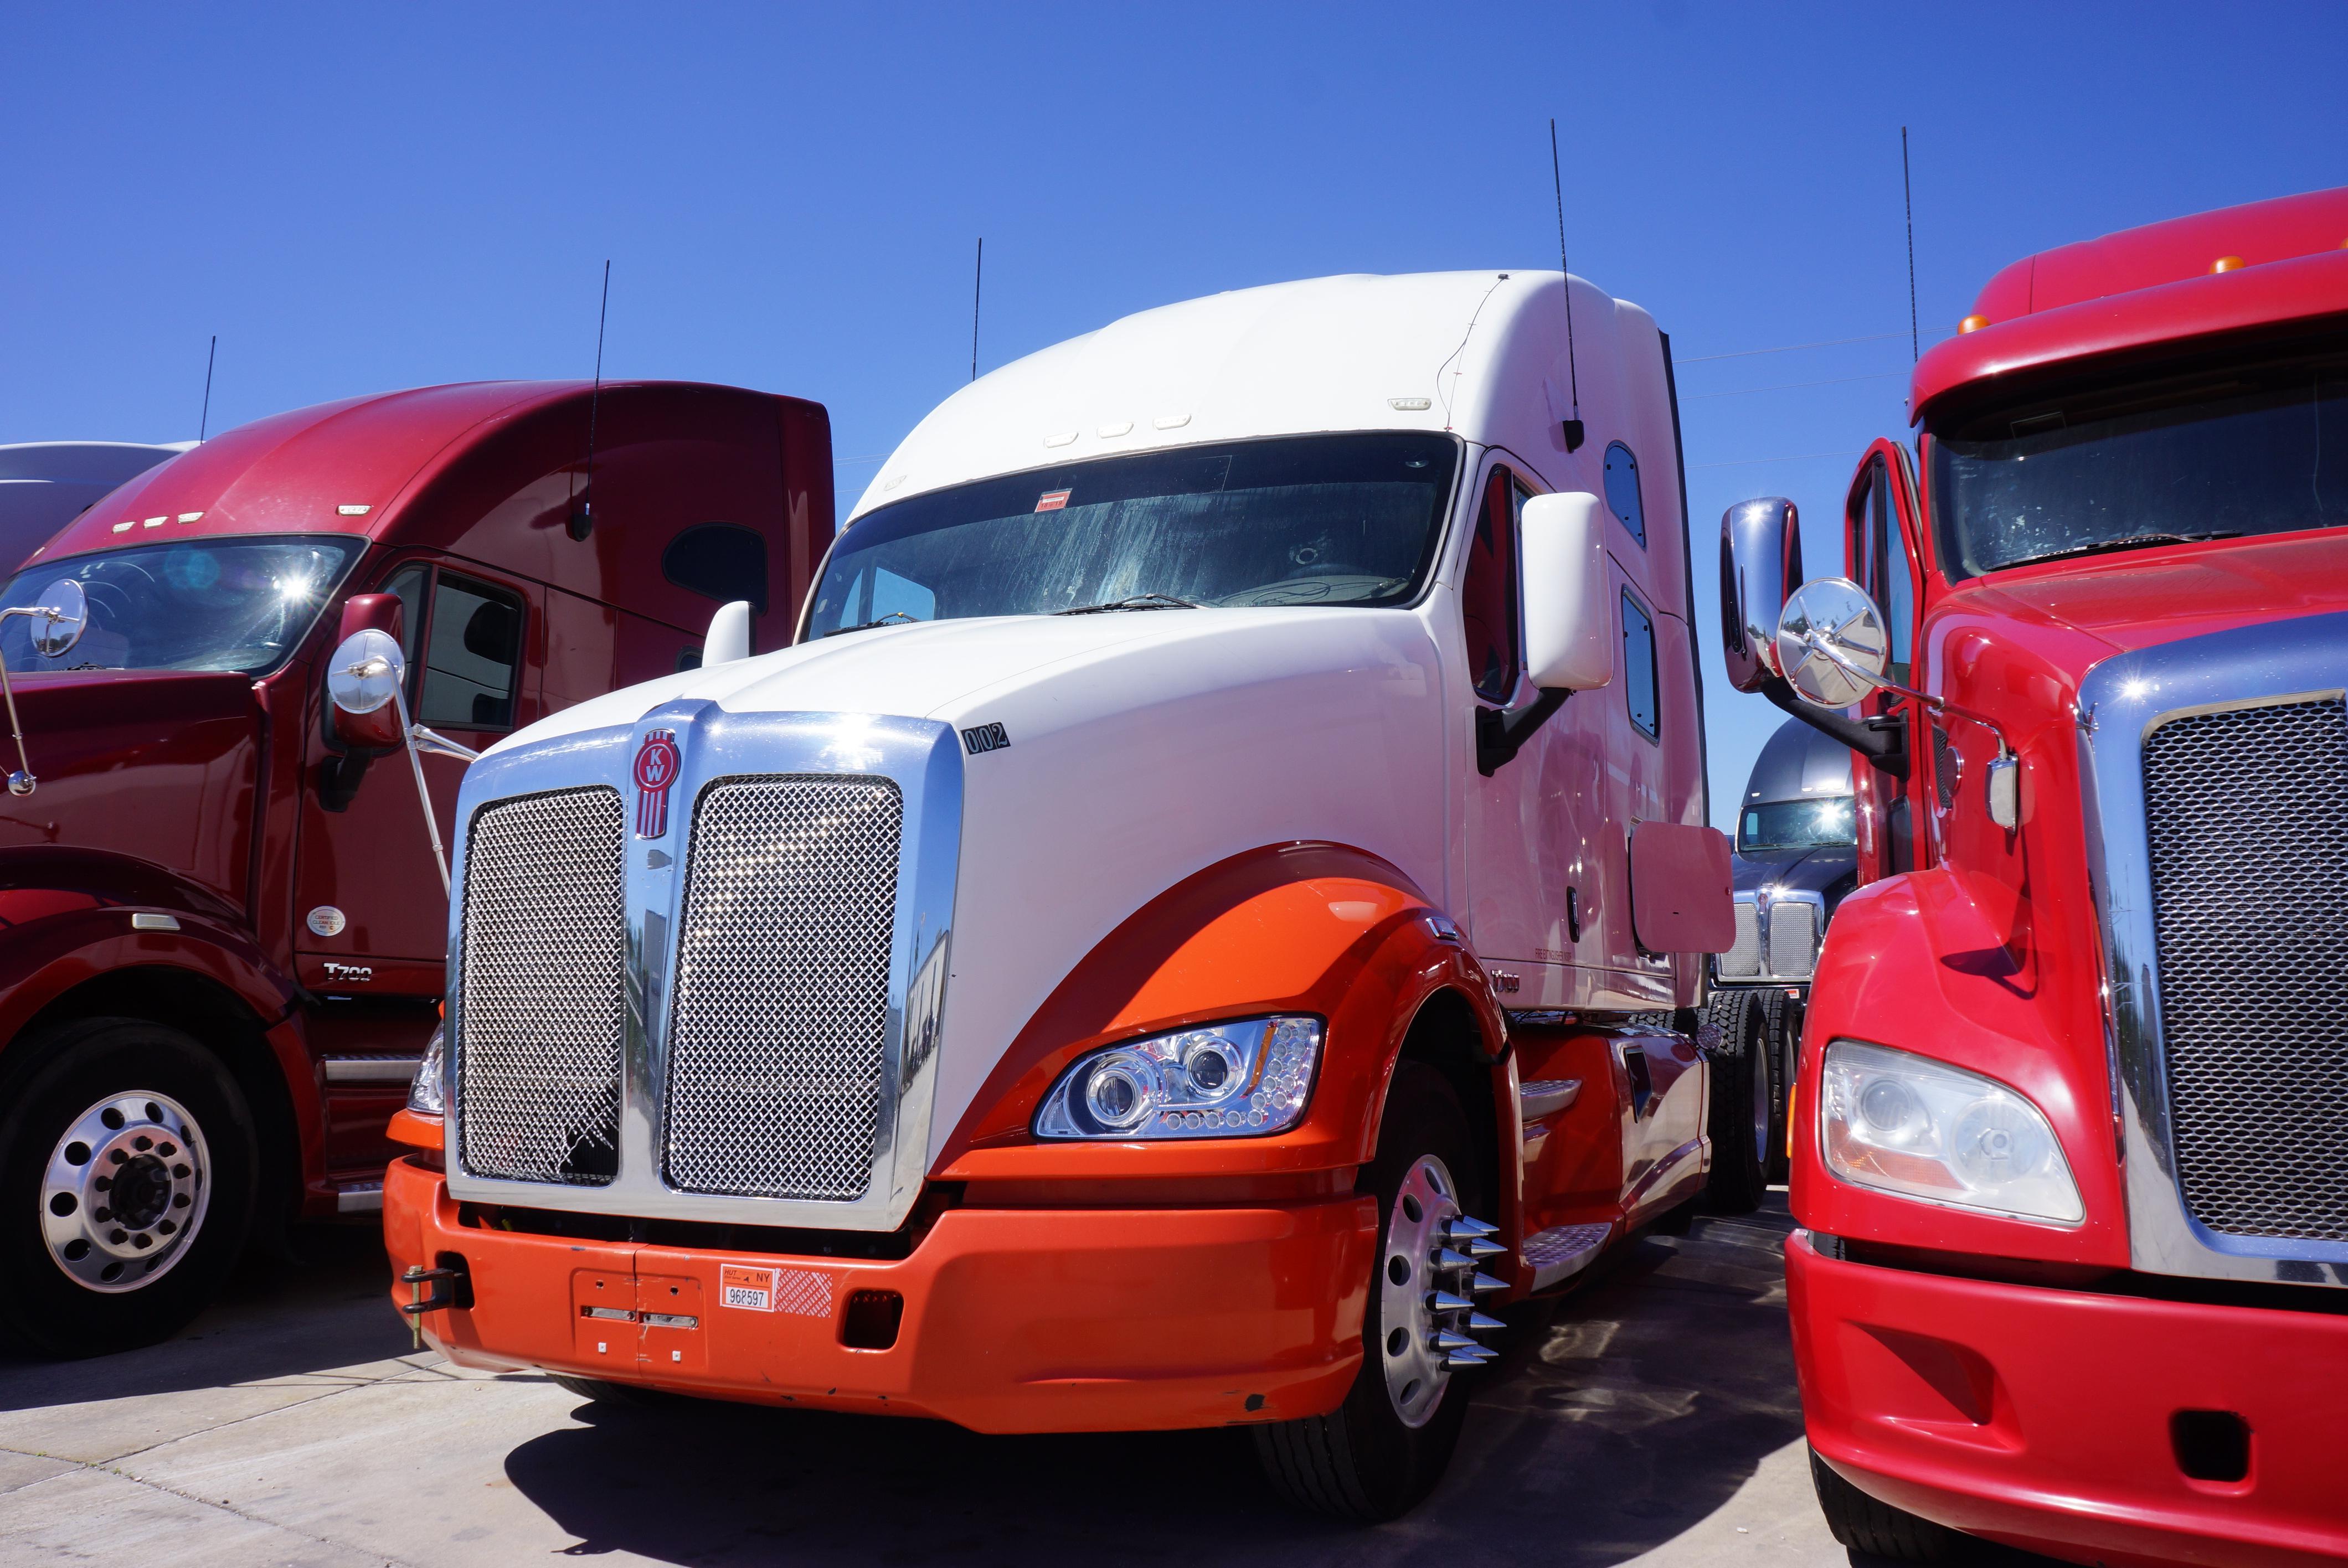 USED 2012 KENWORTH T700 SLEEPER TRUCK #143317